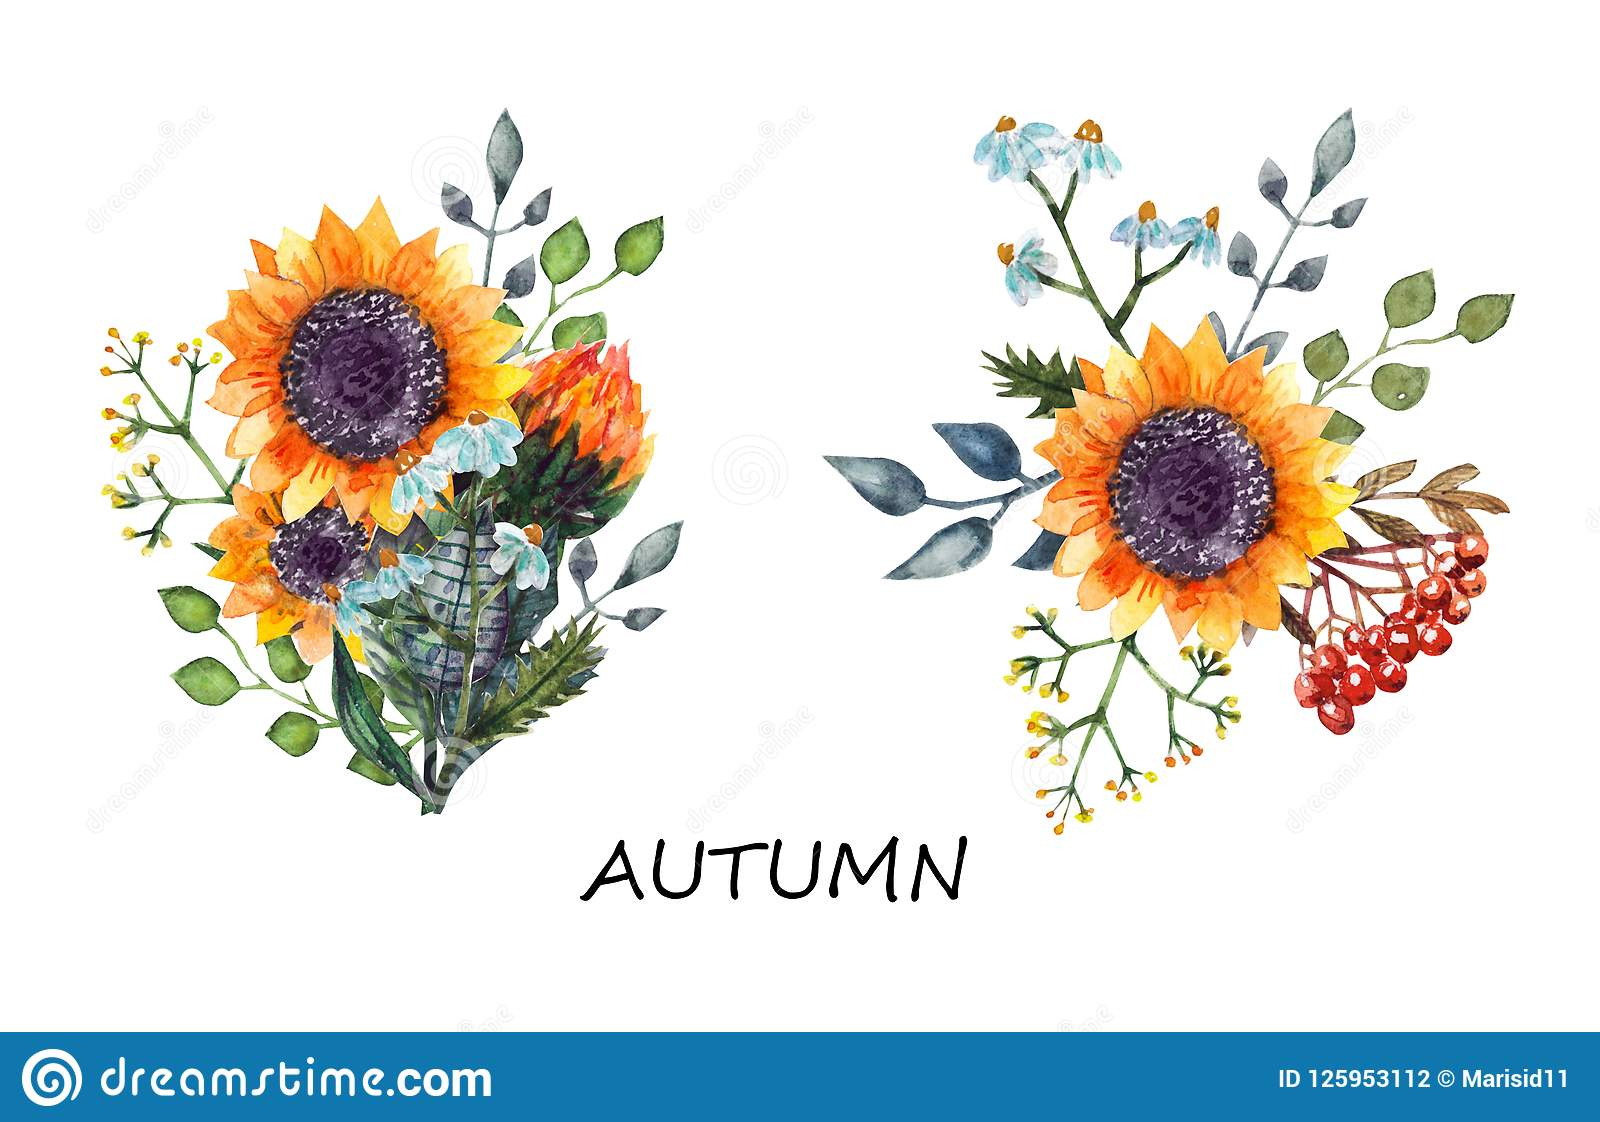 Sunflowers bouquet watercolor